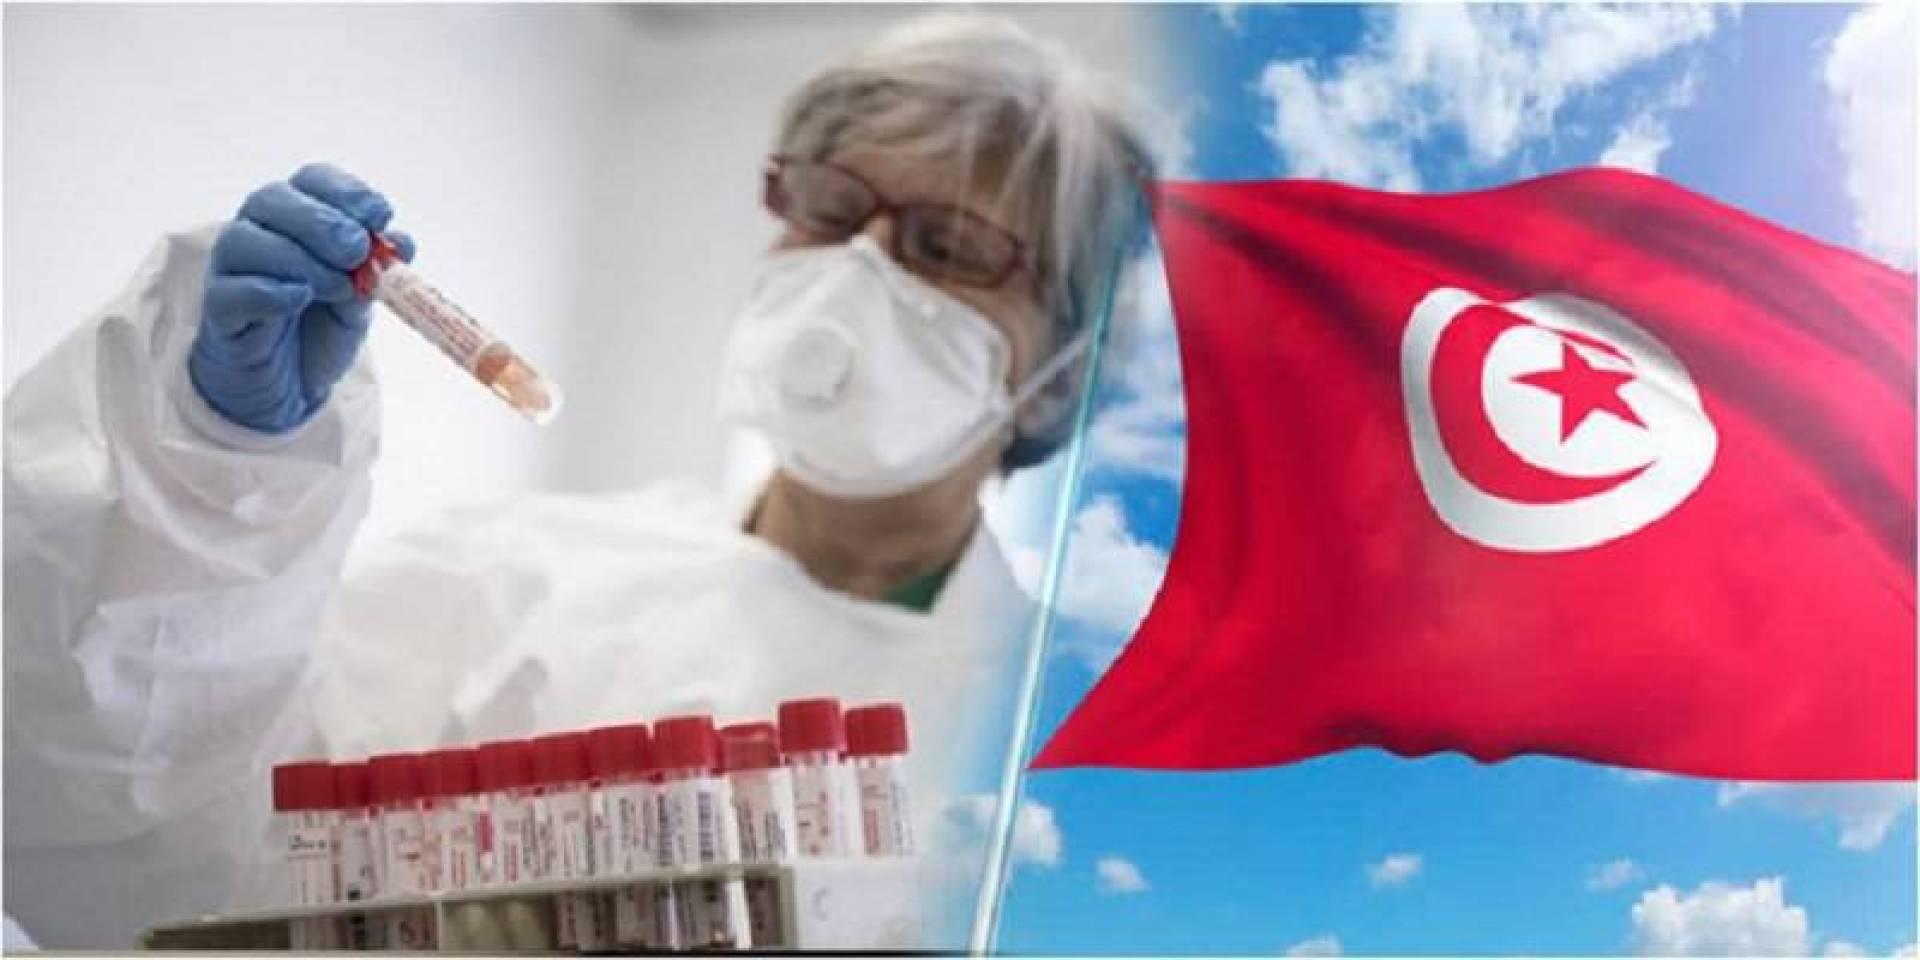 تونس: لا اصابات جديدة بكورونا لليوم الثالث